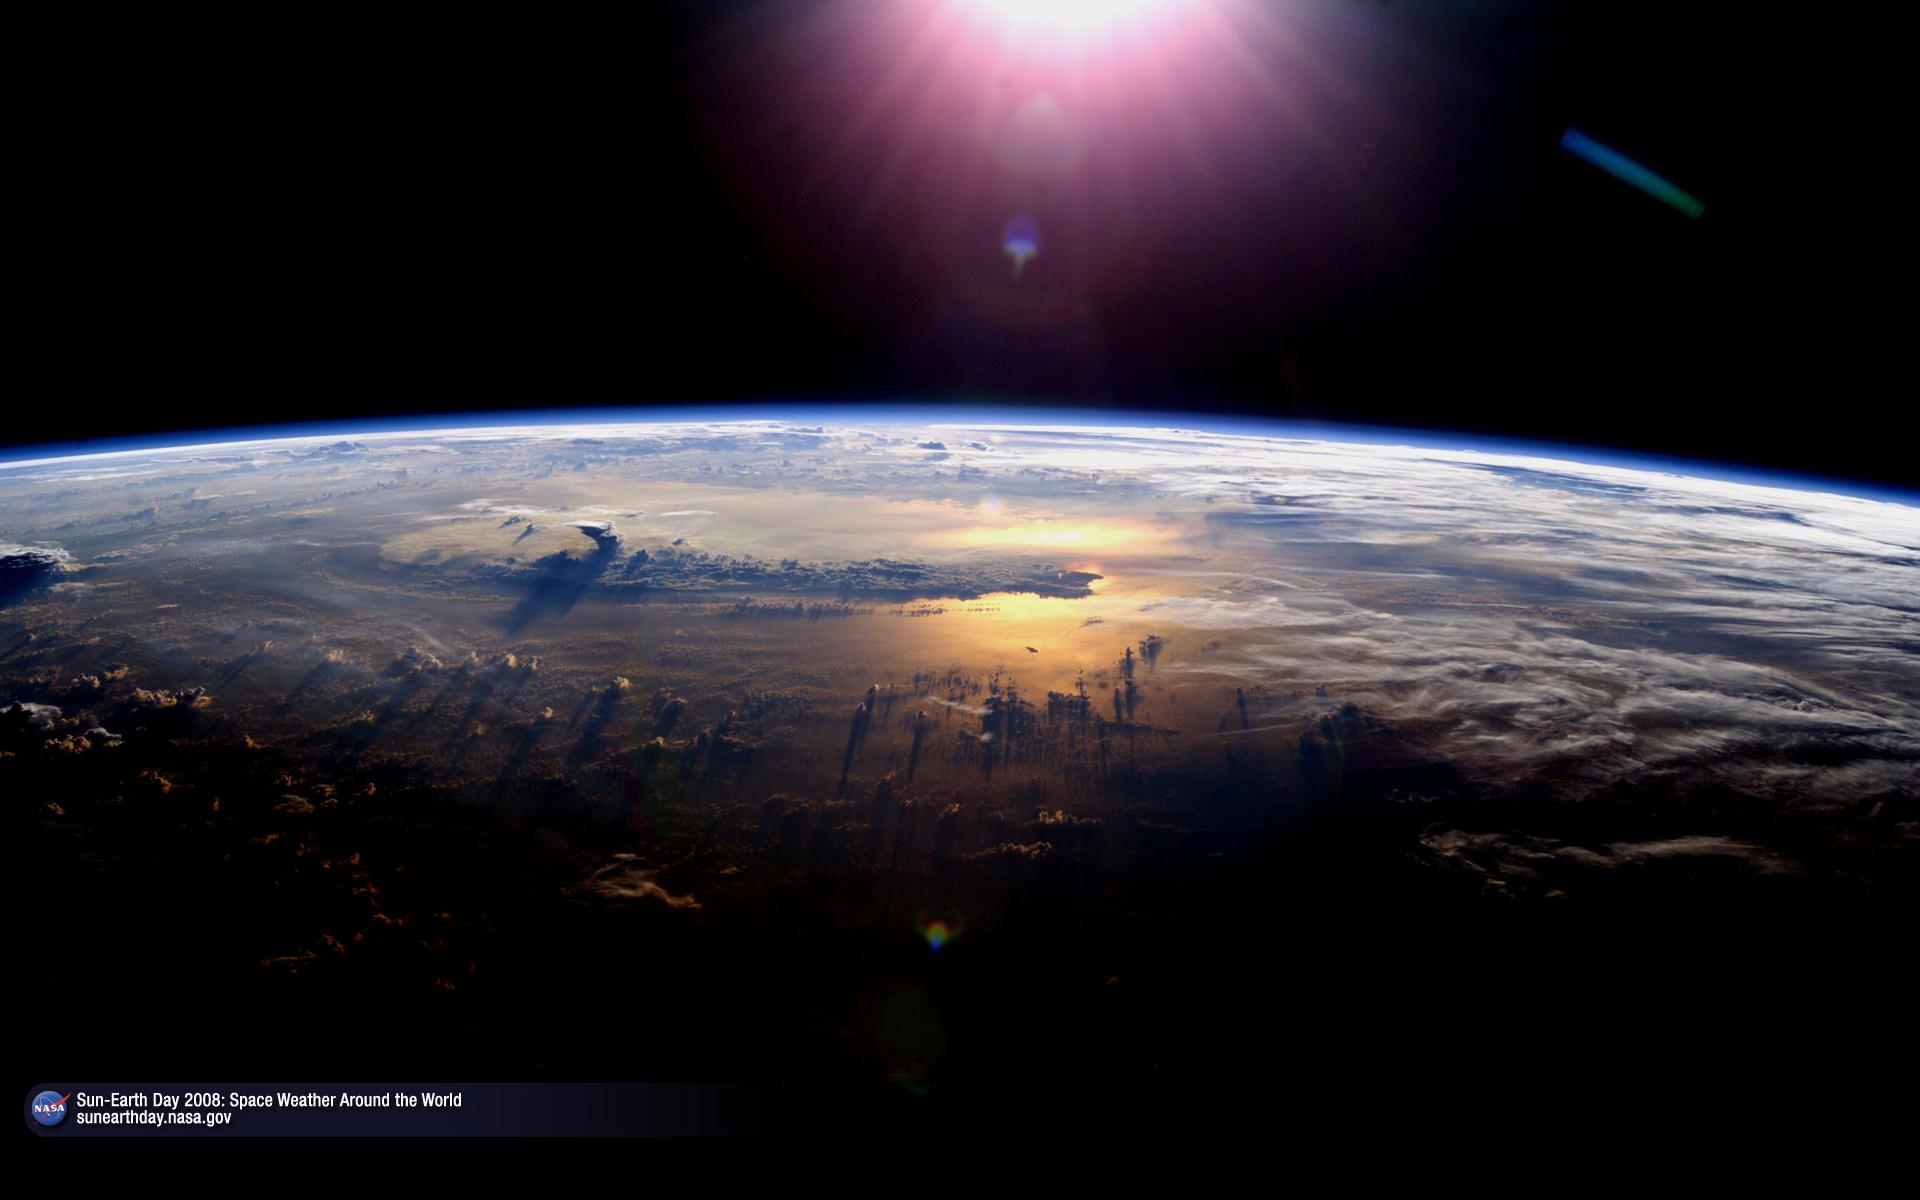 Wallpapers de la NASA en HD [Megapost]   Taringa 1920x1200